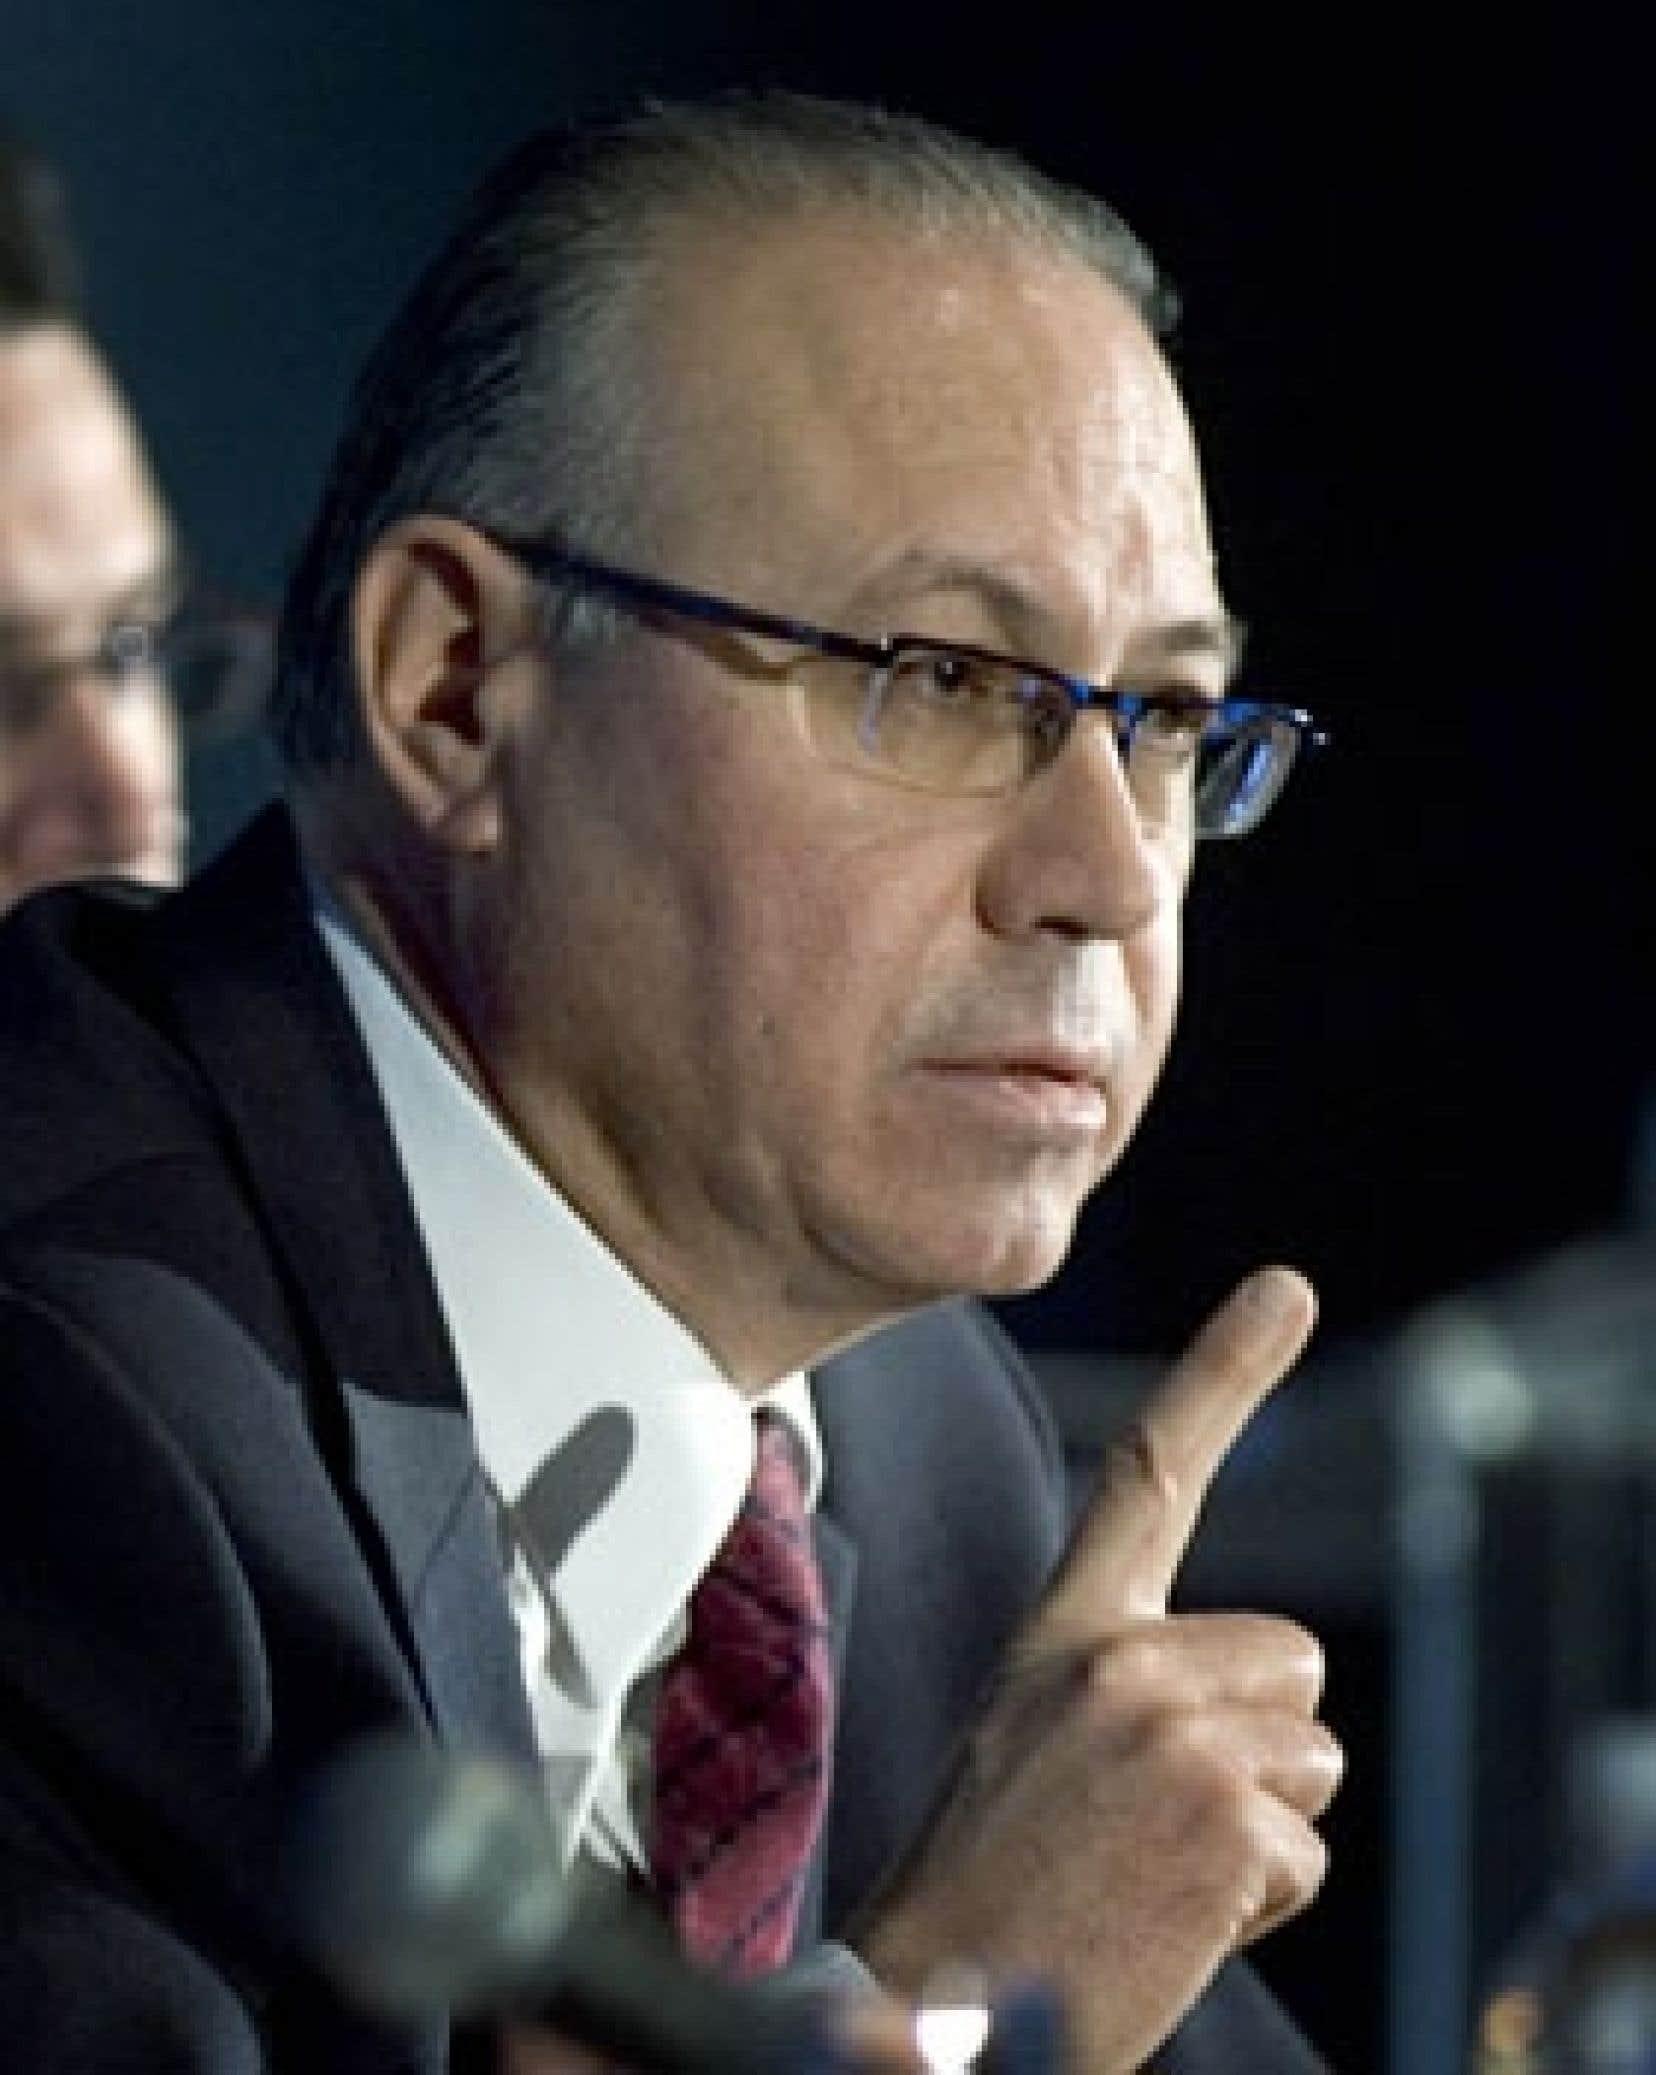 Jean-Marc Eustache, le président et chef de la direction de Transat, n'écartait toujours pas la possibilité d'effectuer, en partenariat, une percée du côté des chaînes hôtelières dans les Caraïbes, au Mexique et en Amérique centrale.